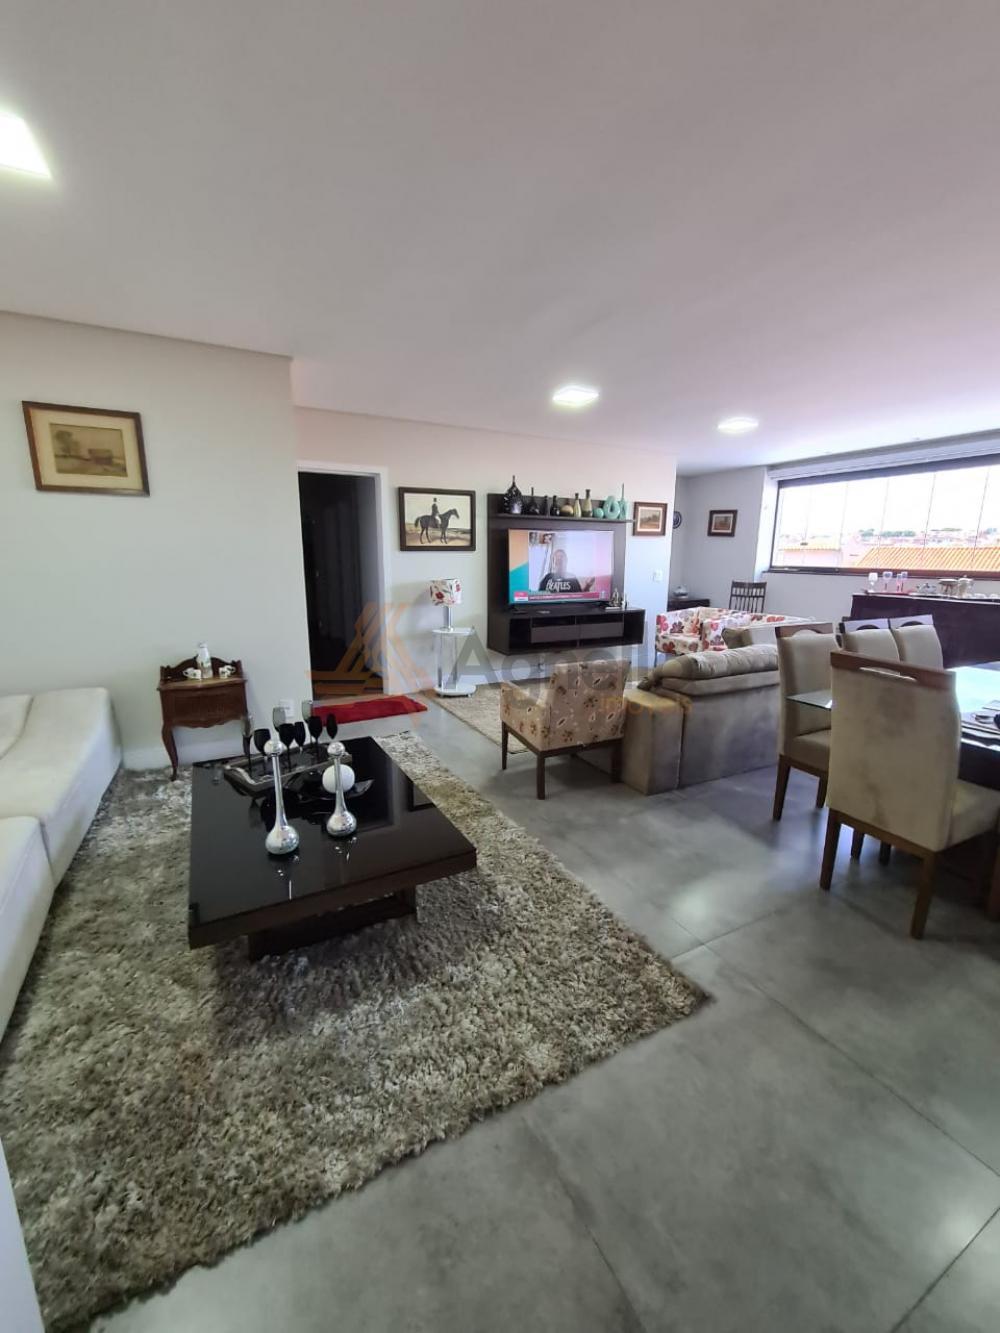 Comprar Apartamento / Padrão em Franca R$ 850.000,00 - Foto 3